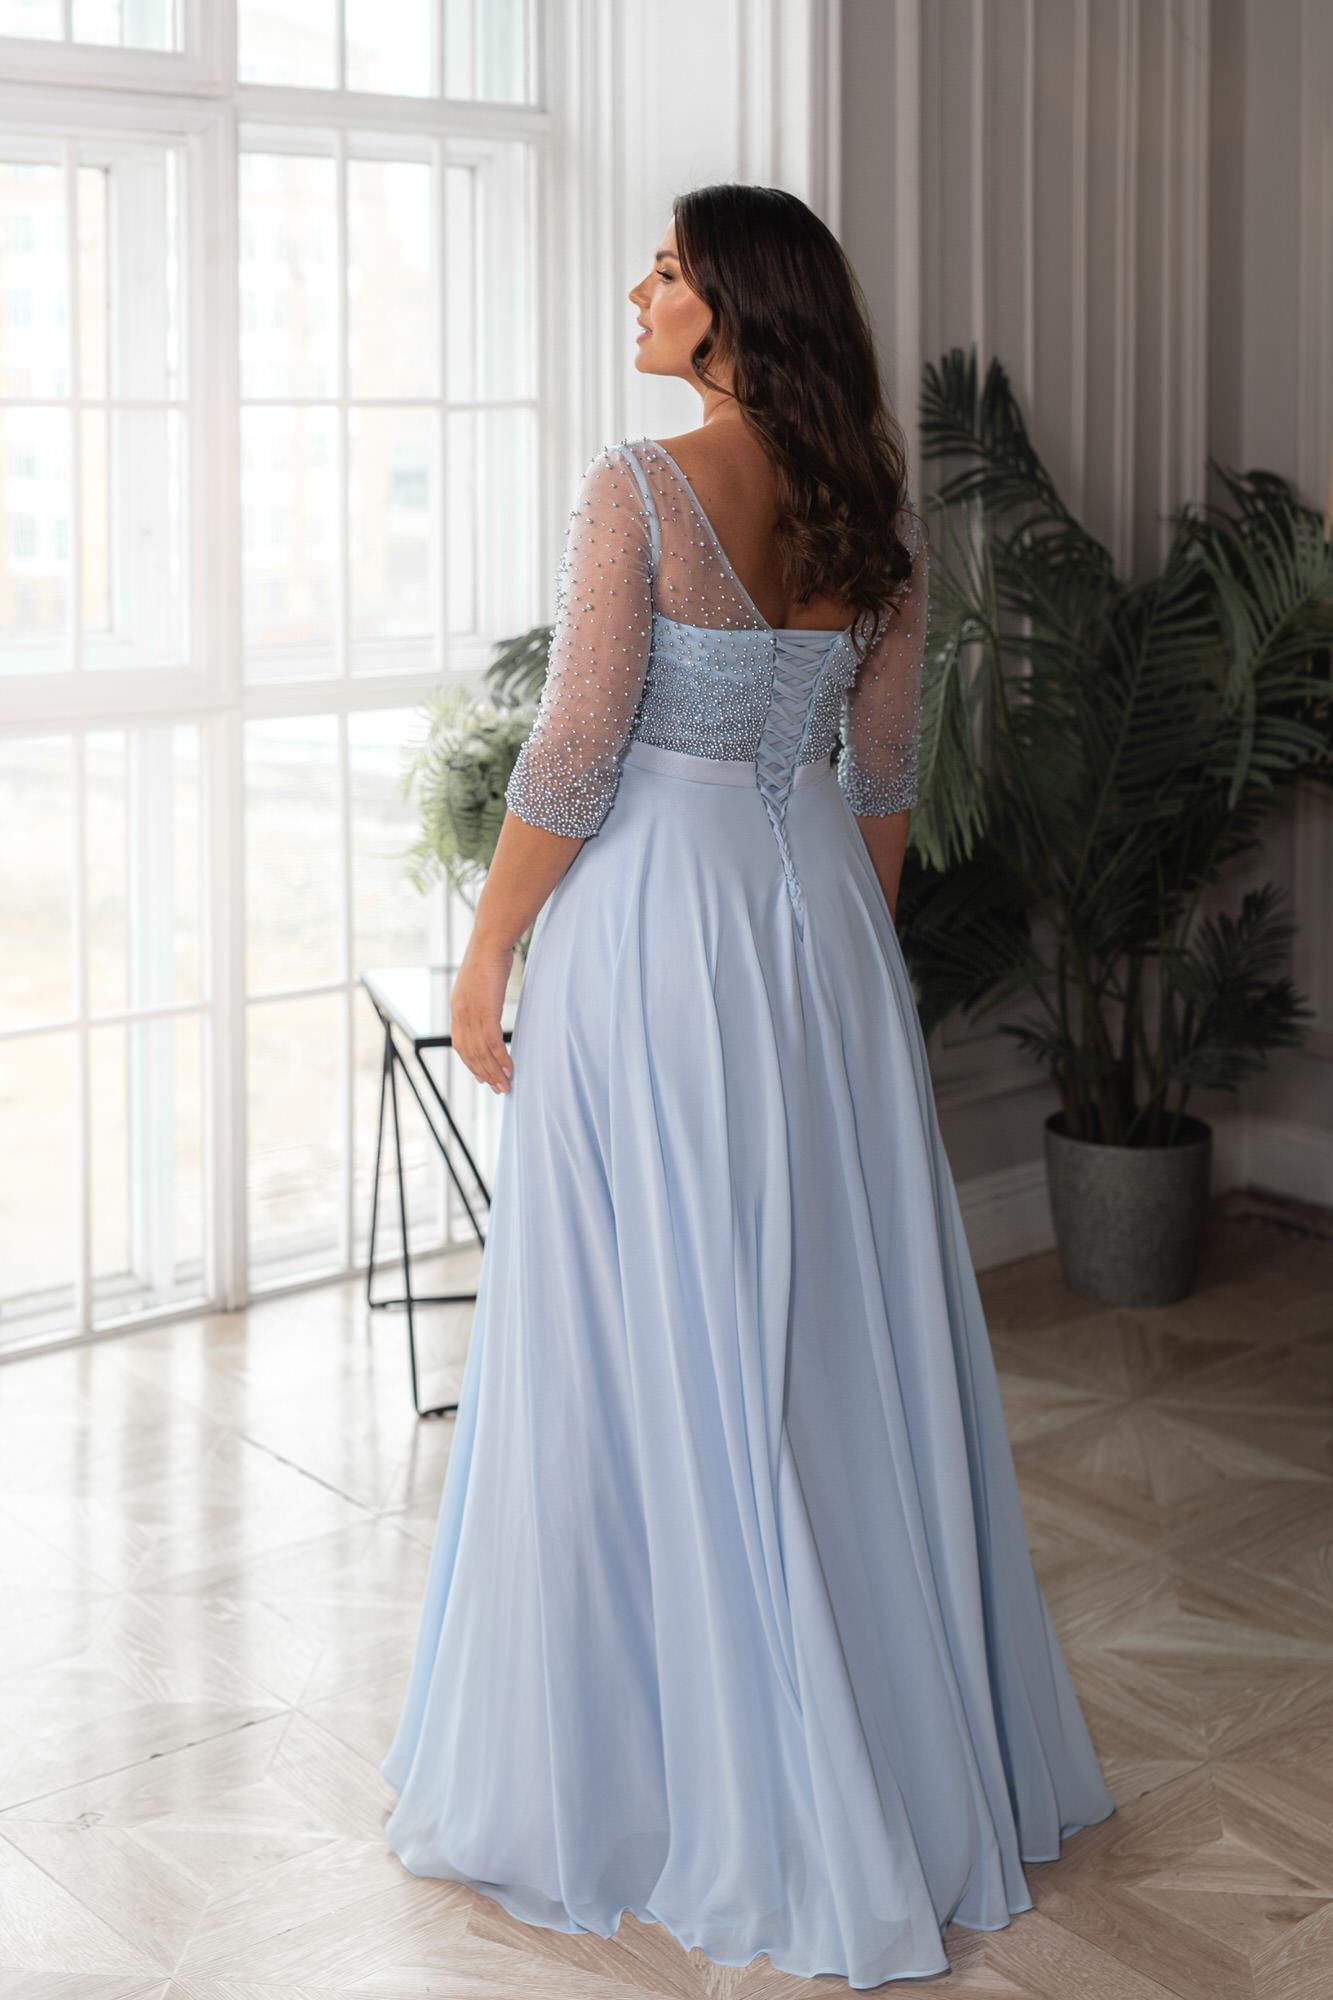 Свадебное платье Naviblue Bridal 32405C blue PS — купить в